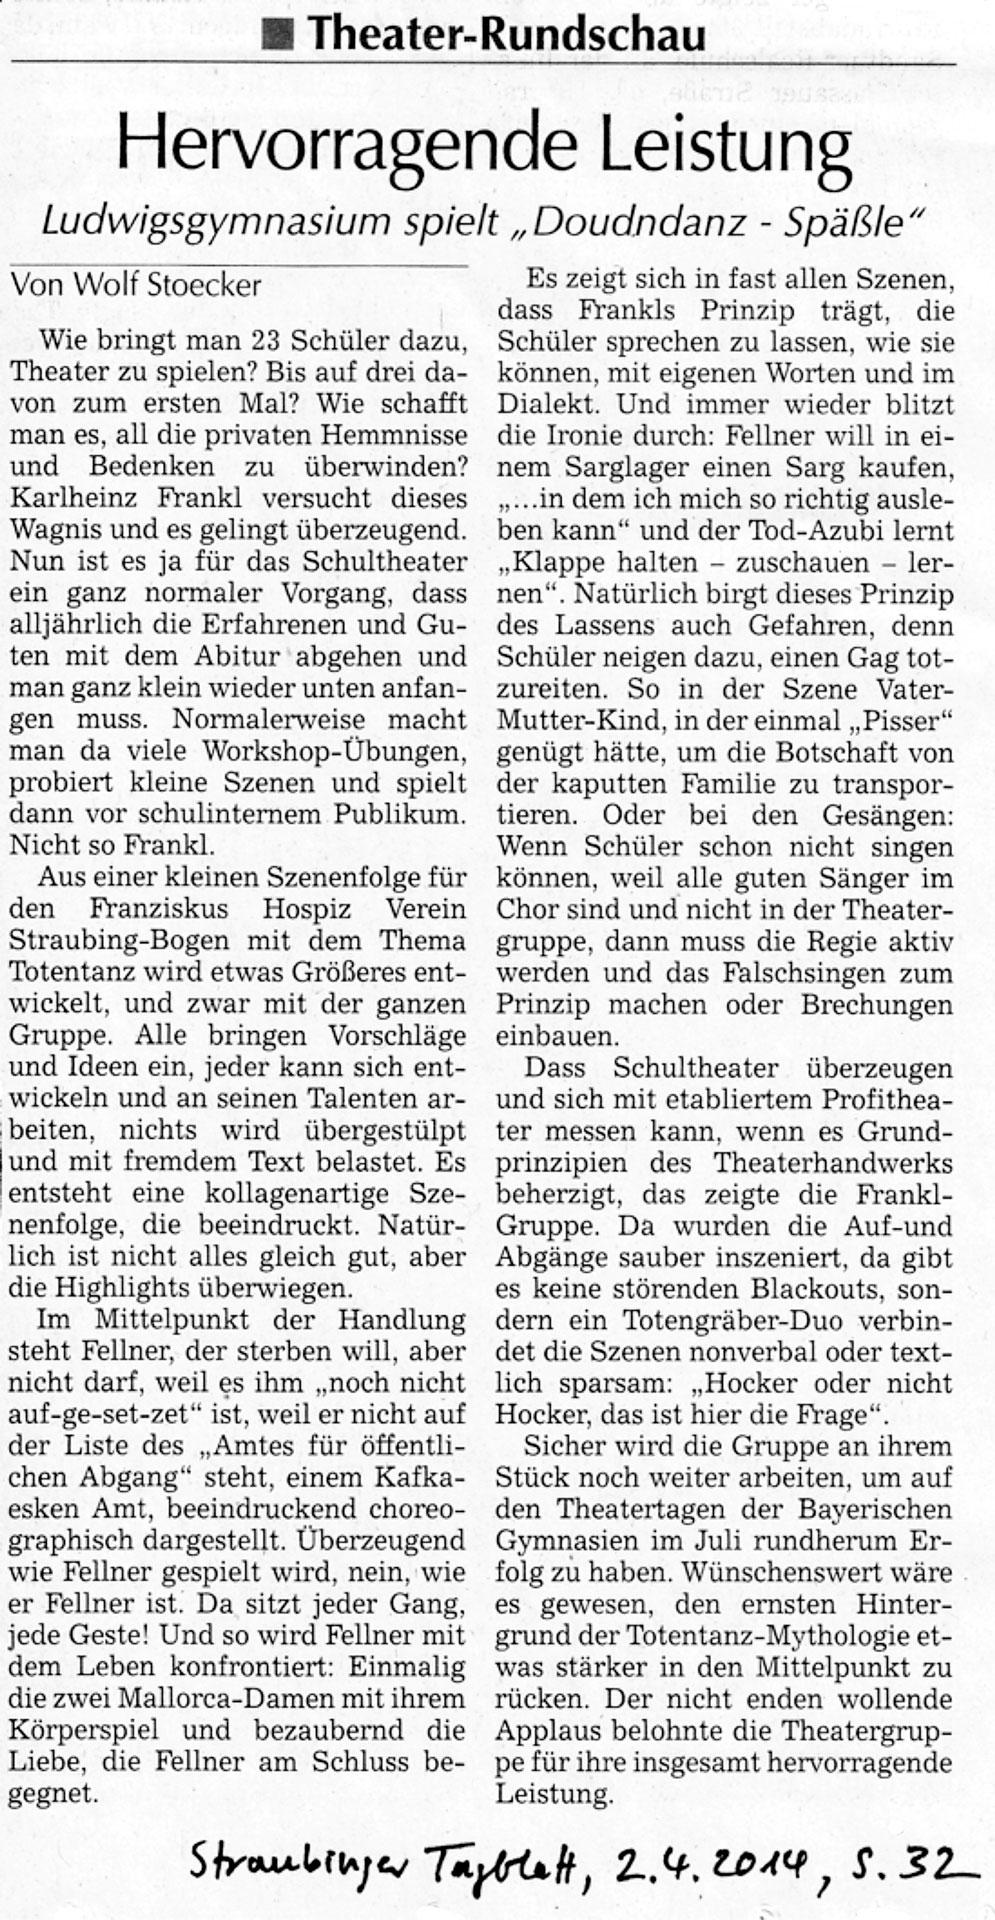 2014-04-02-Doudndanz-Kritik-SR-Tagblatt